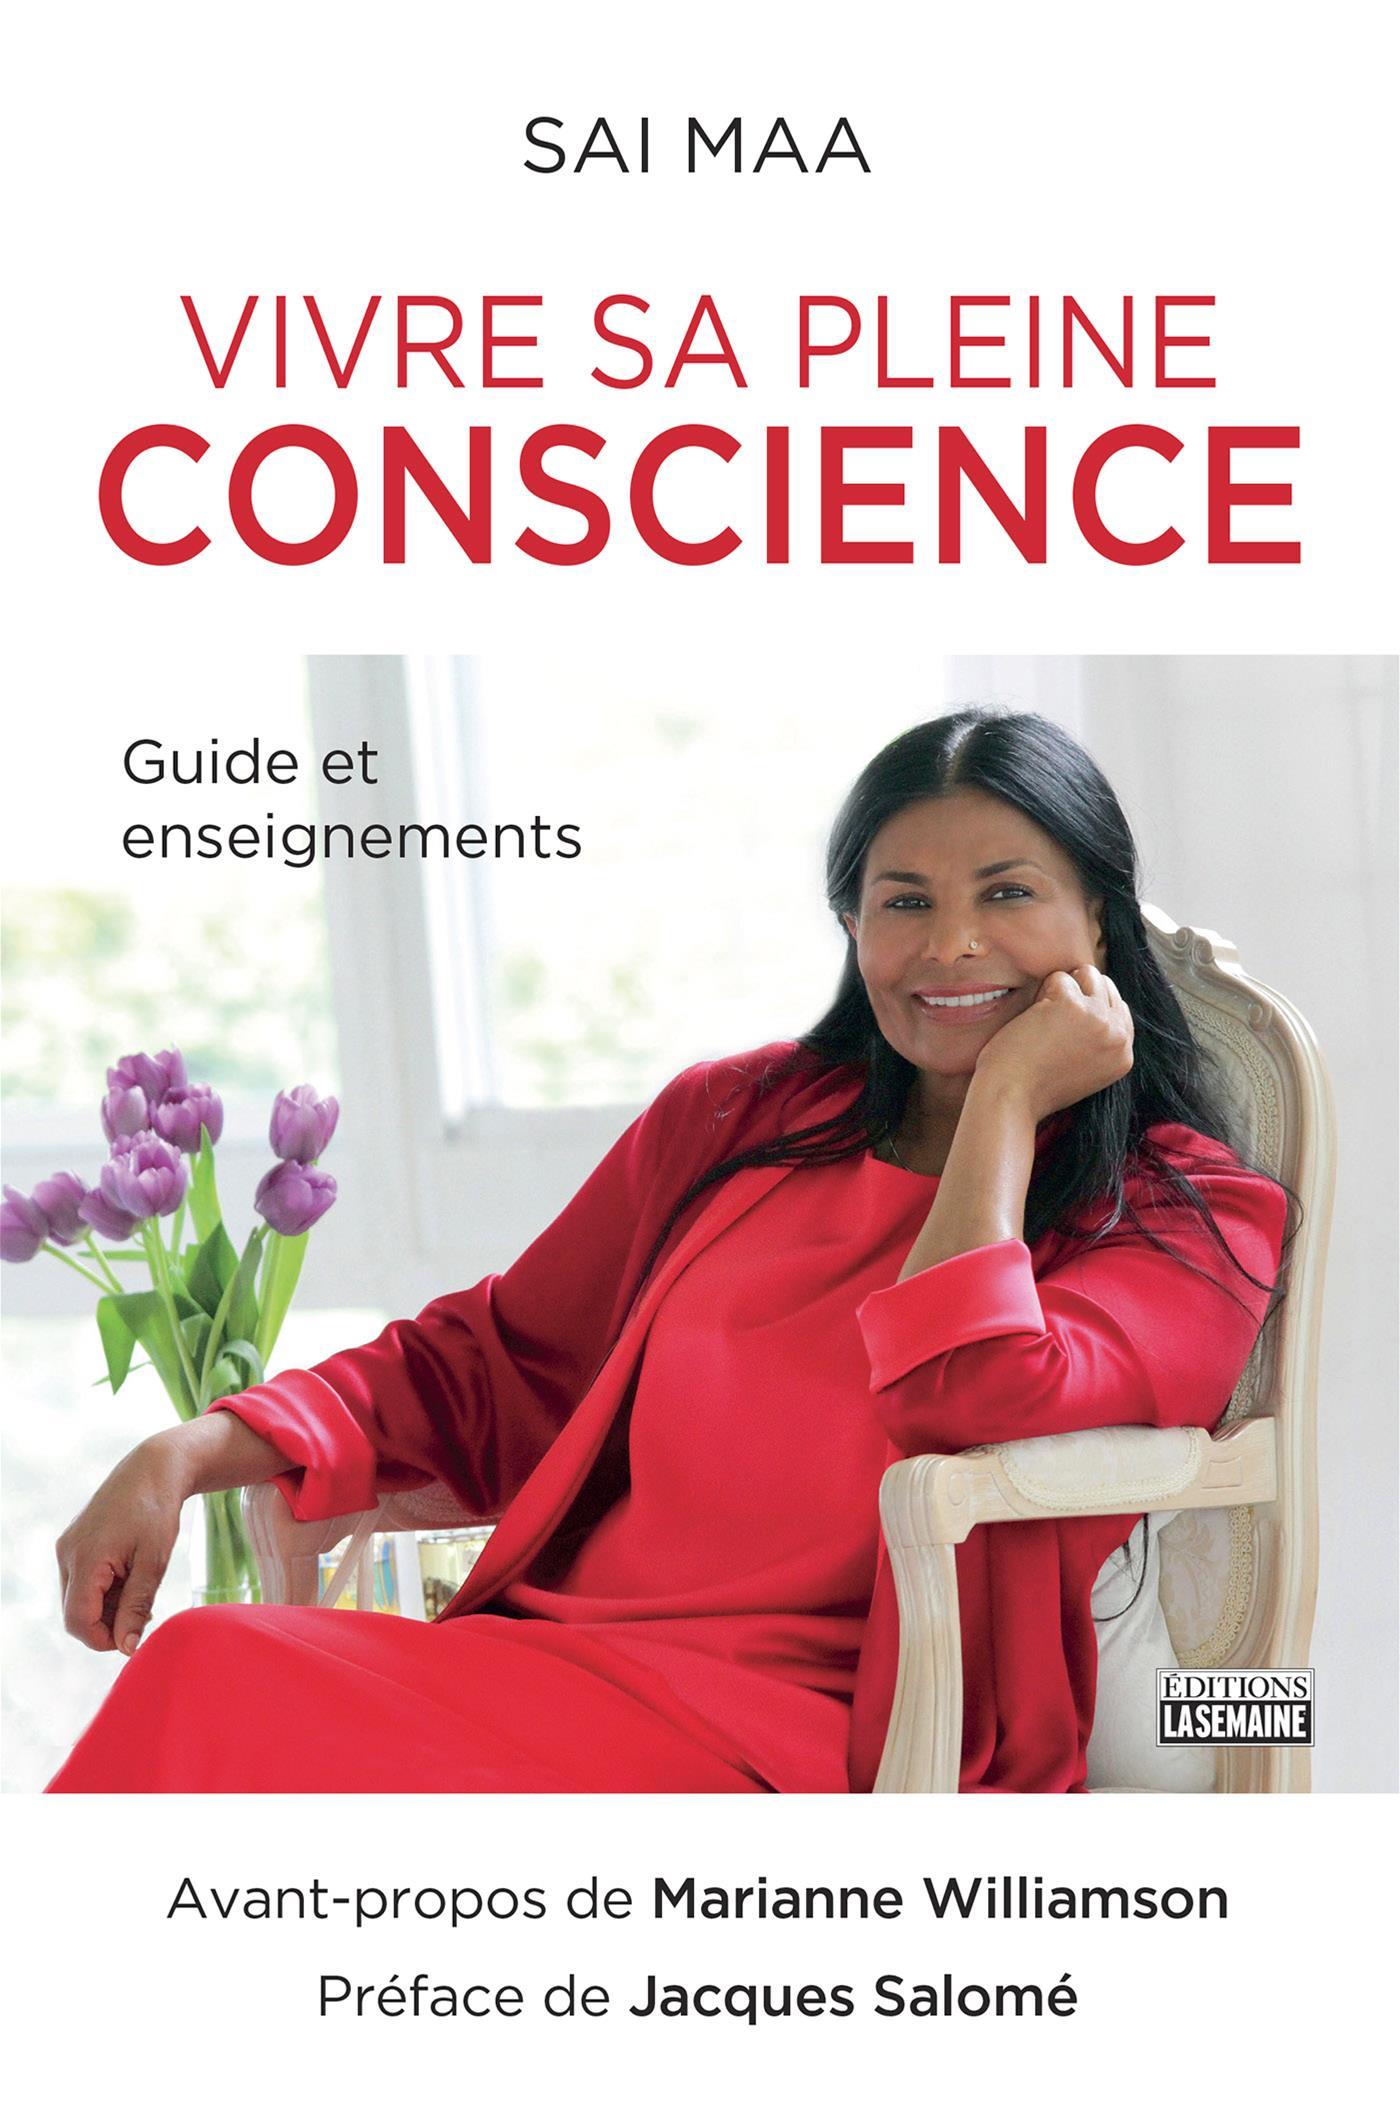 Vivre la pleine conscience